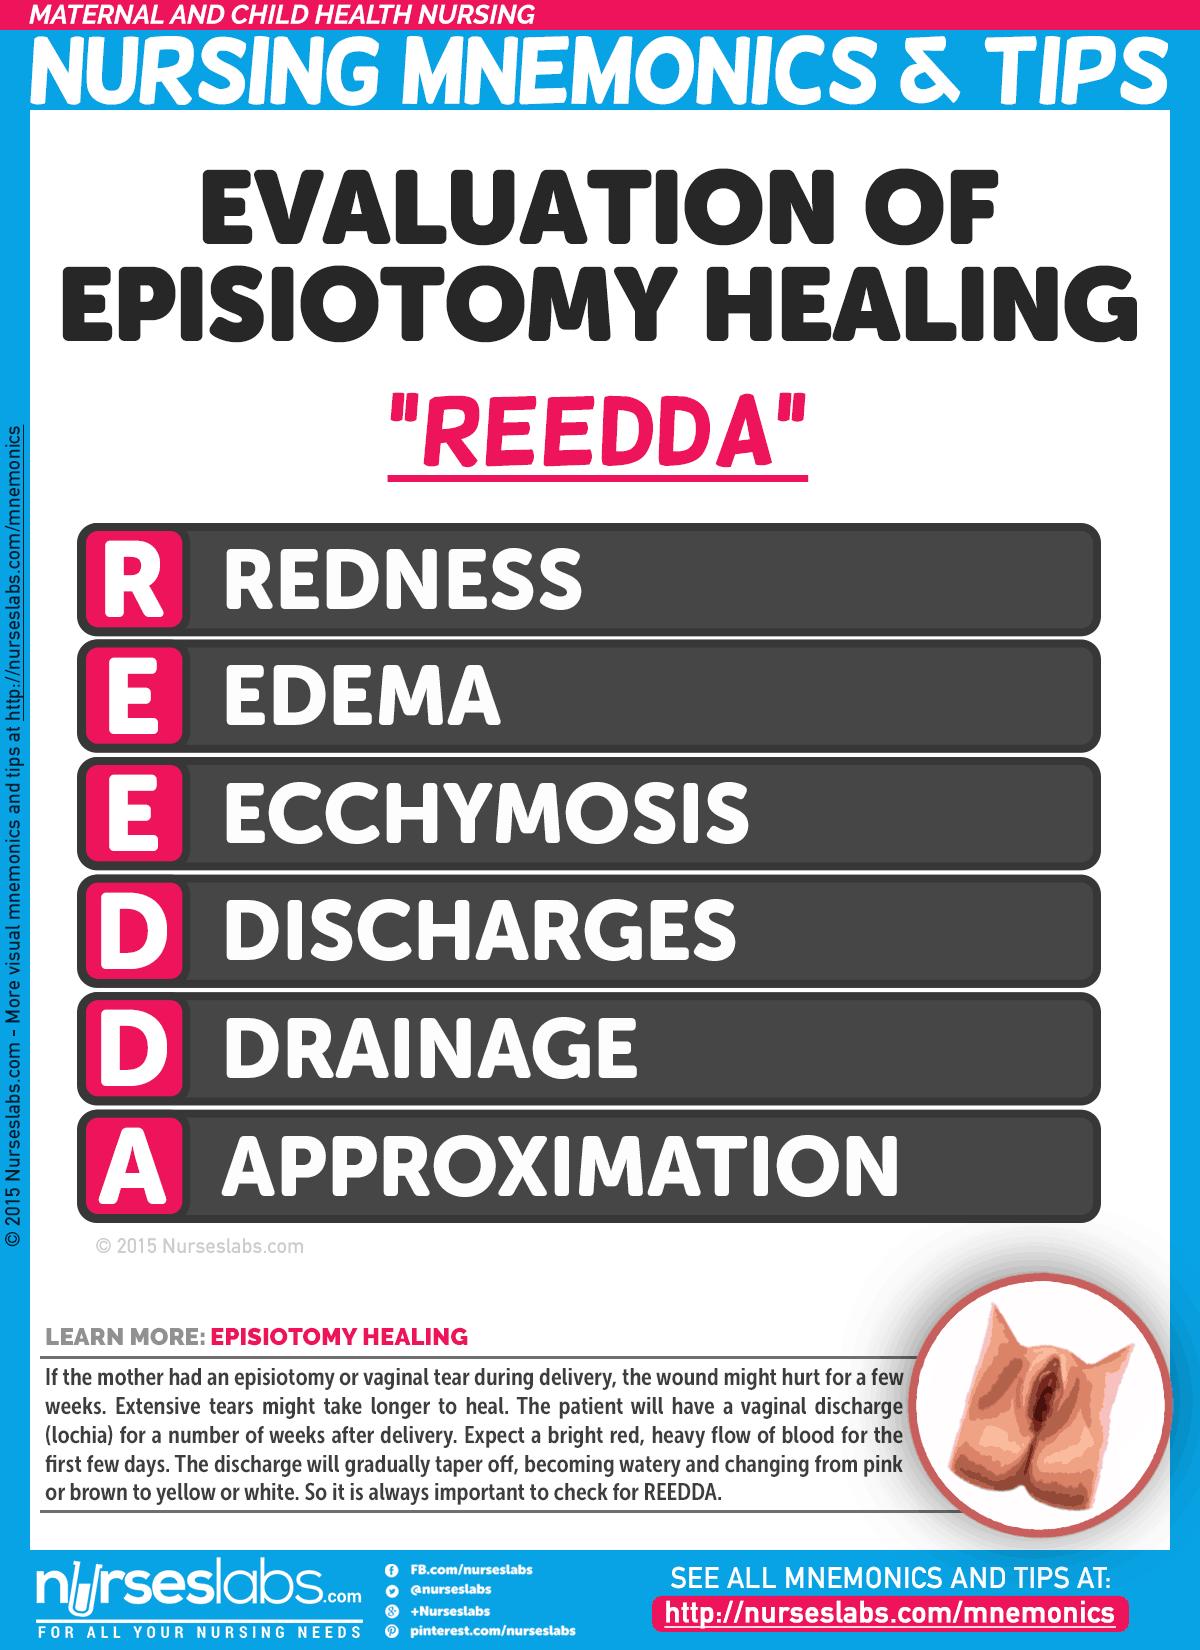 Evaluation of Episiotomy Healing Mnemonic: REEDDA